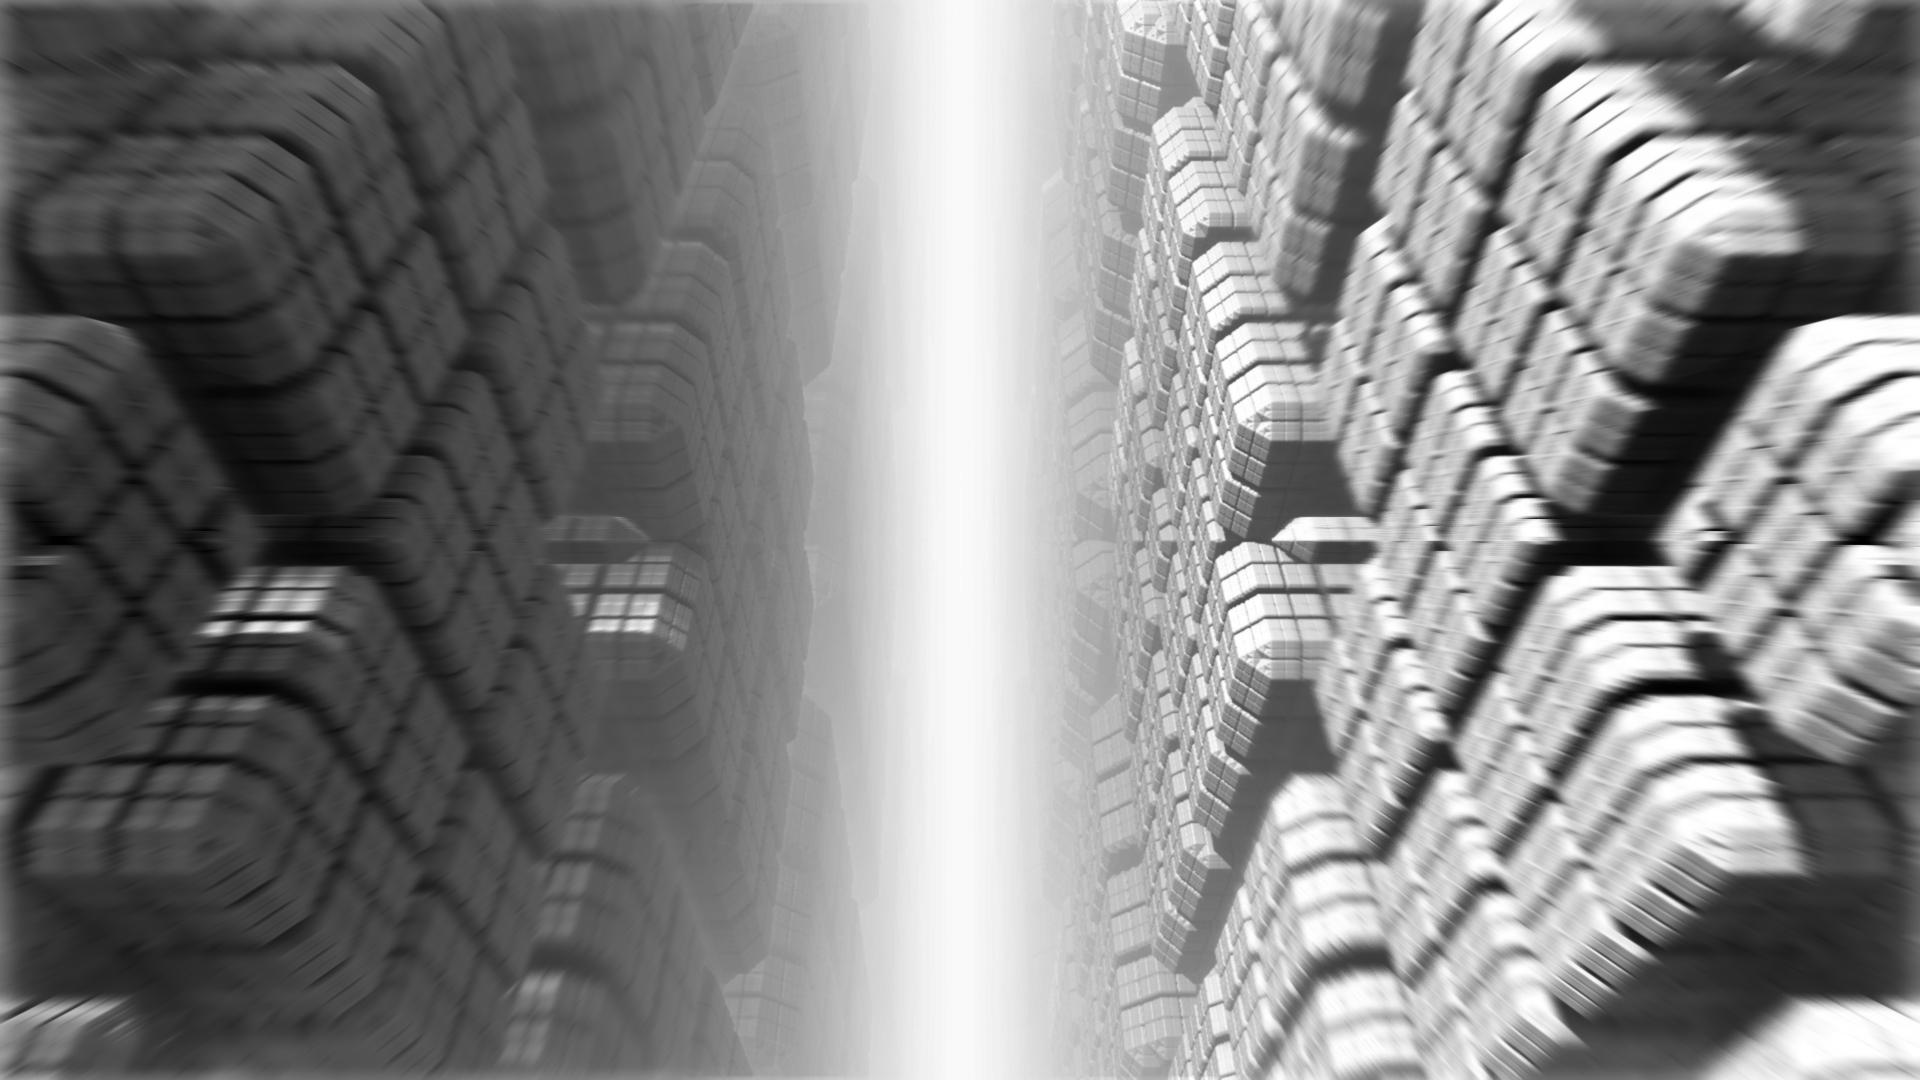 fractalscape003